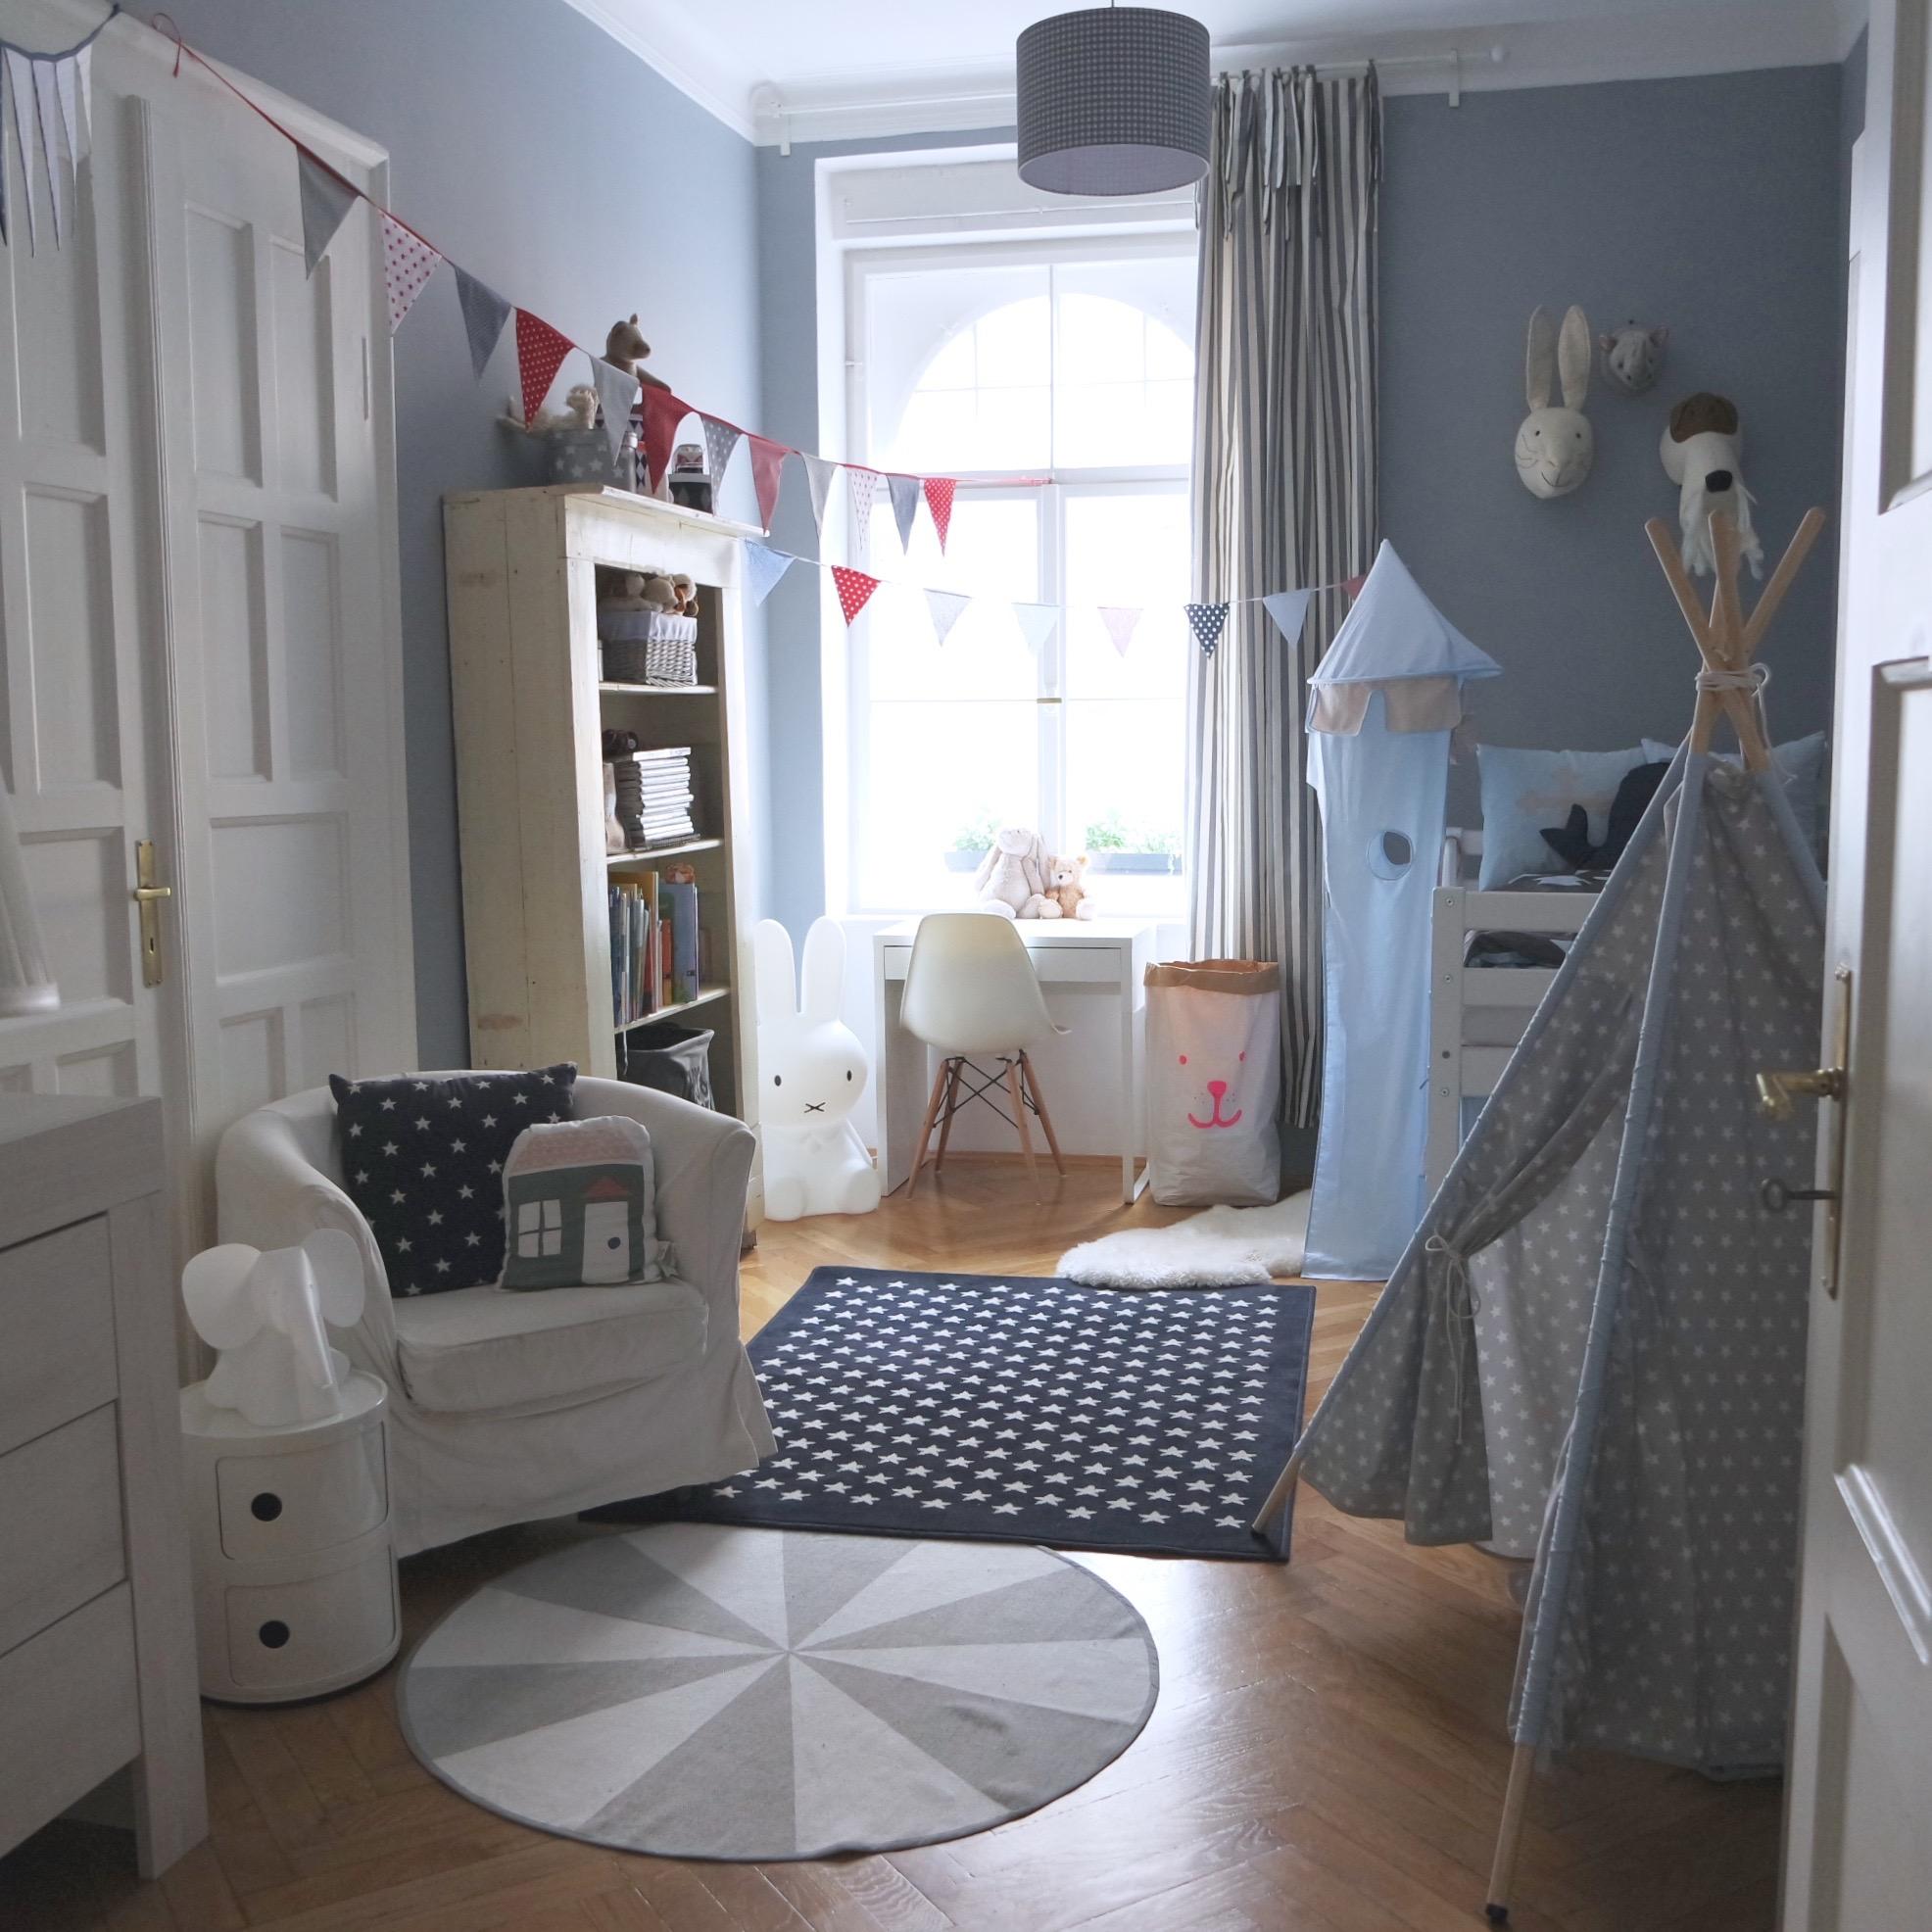 interior erste einblicke ins kinderzimmer lieblingsst cke schreibtisch ohne schule und eine. Black Bedroom Furniture Sets. Home Design Ideas